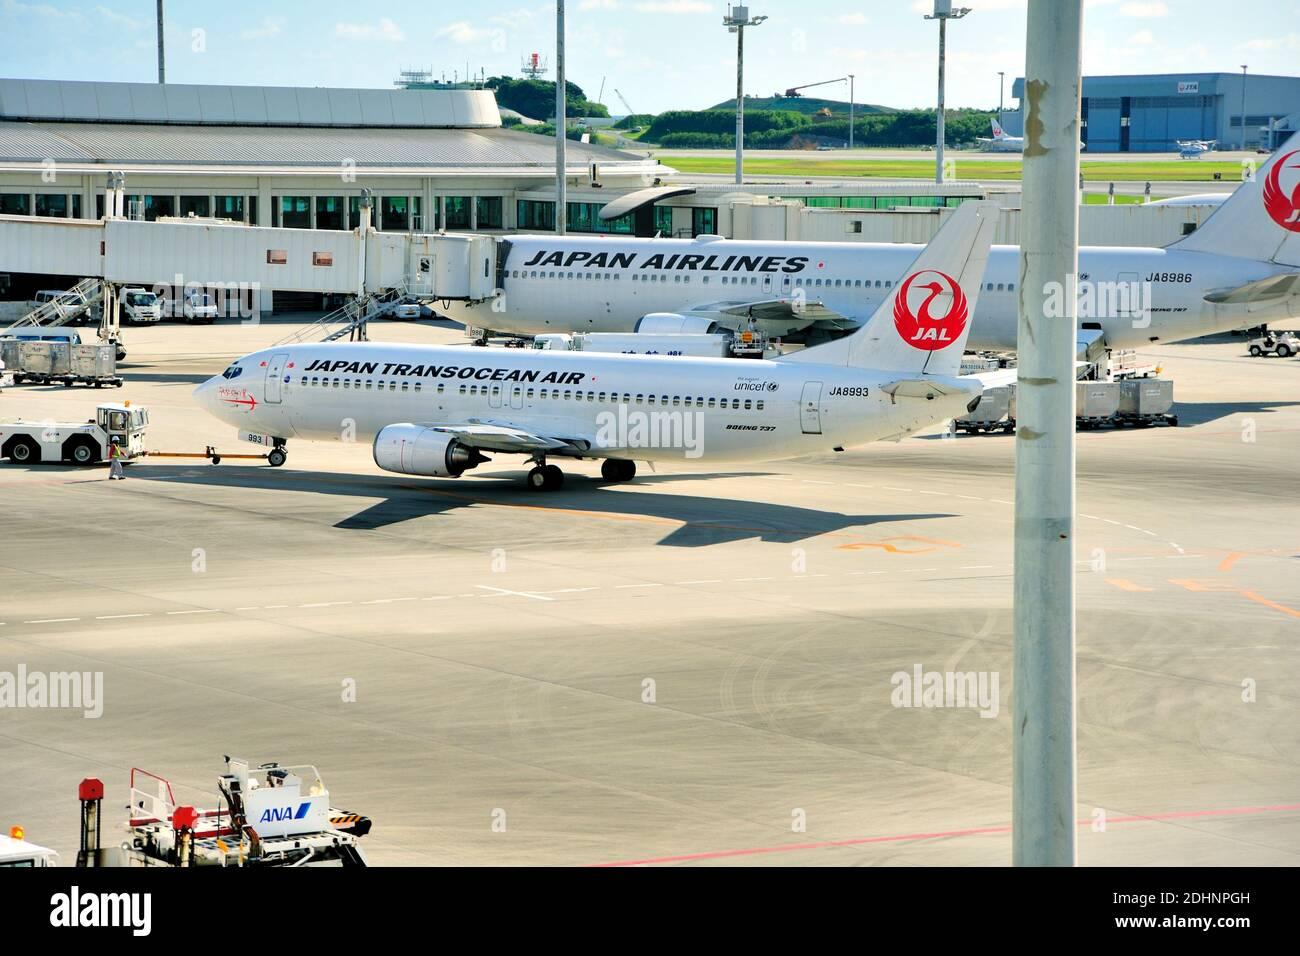 Japan Transocean Air, JTA, Boeing, B-737/400, JA8993, Pushback,  Naha Airport, Naha, Okinawa, Ryukyu Islands, Japan Stock Photo